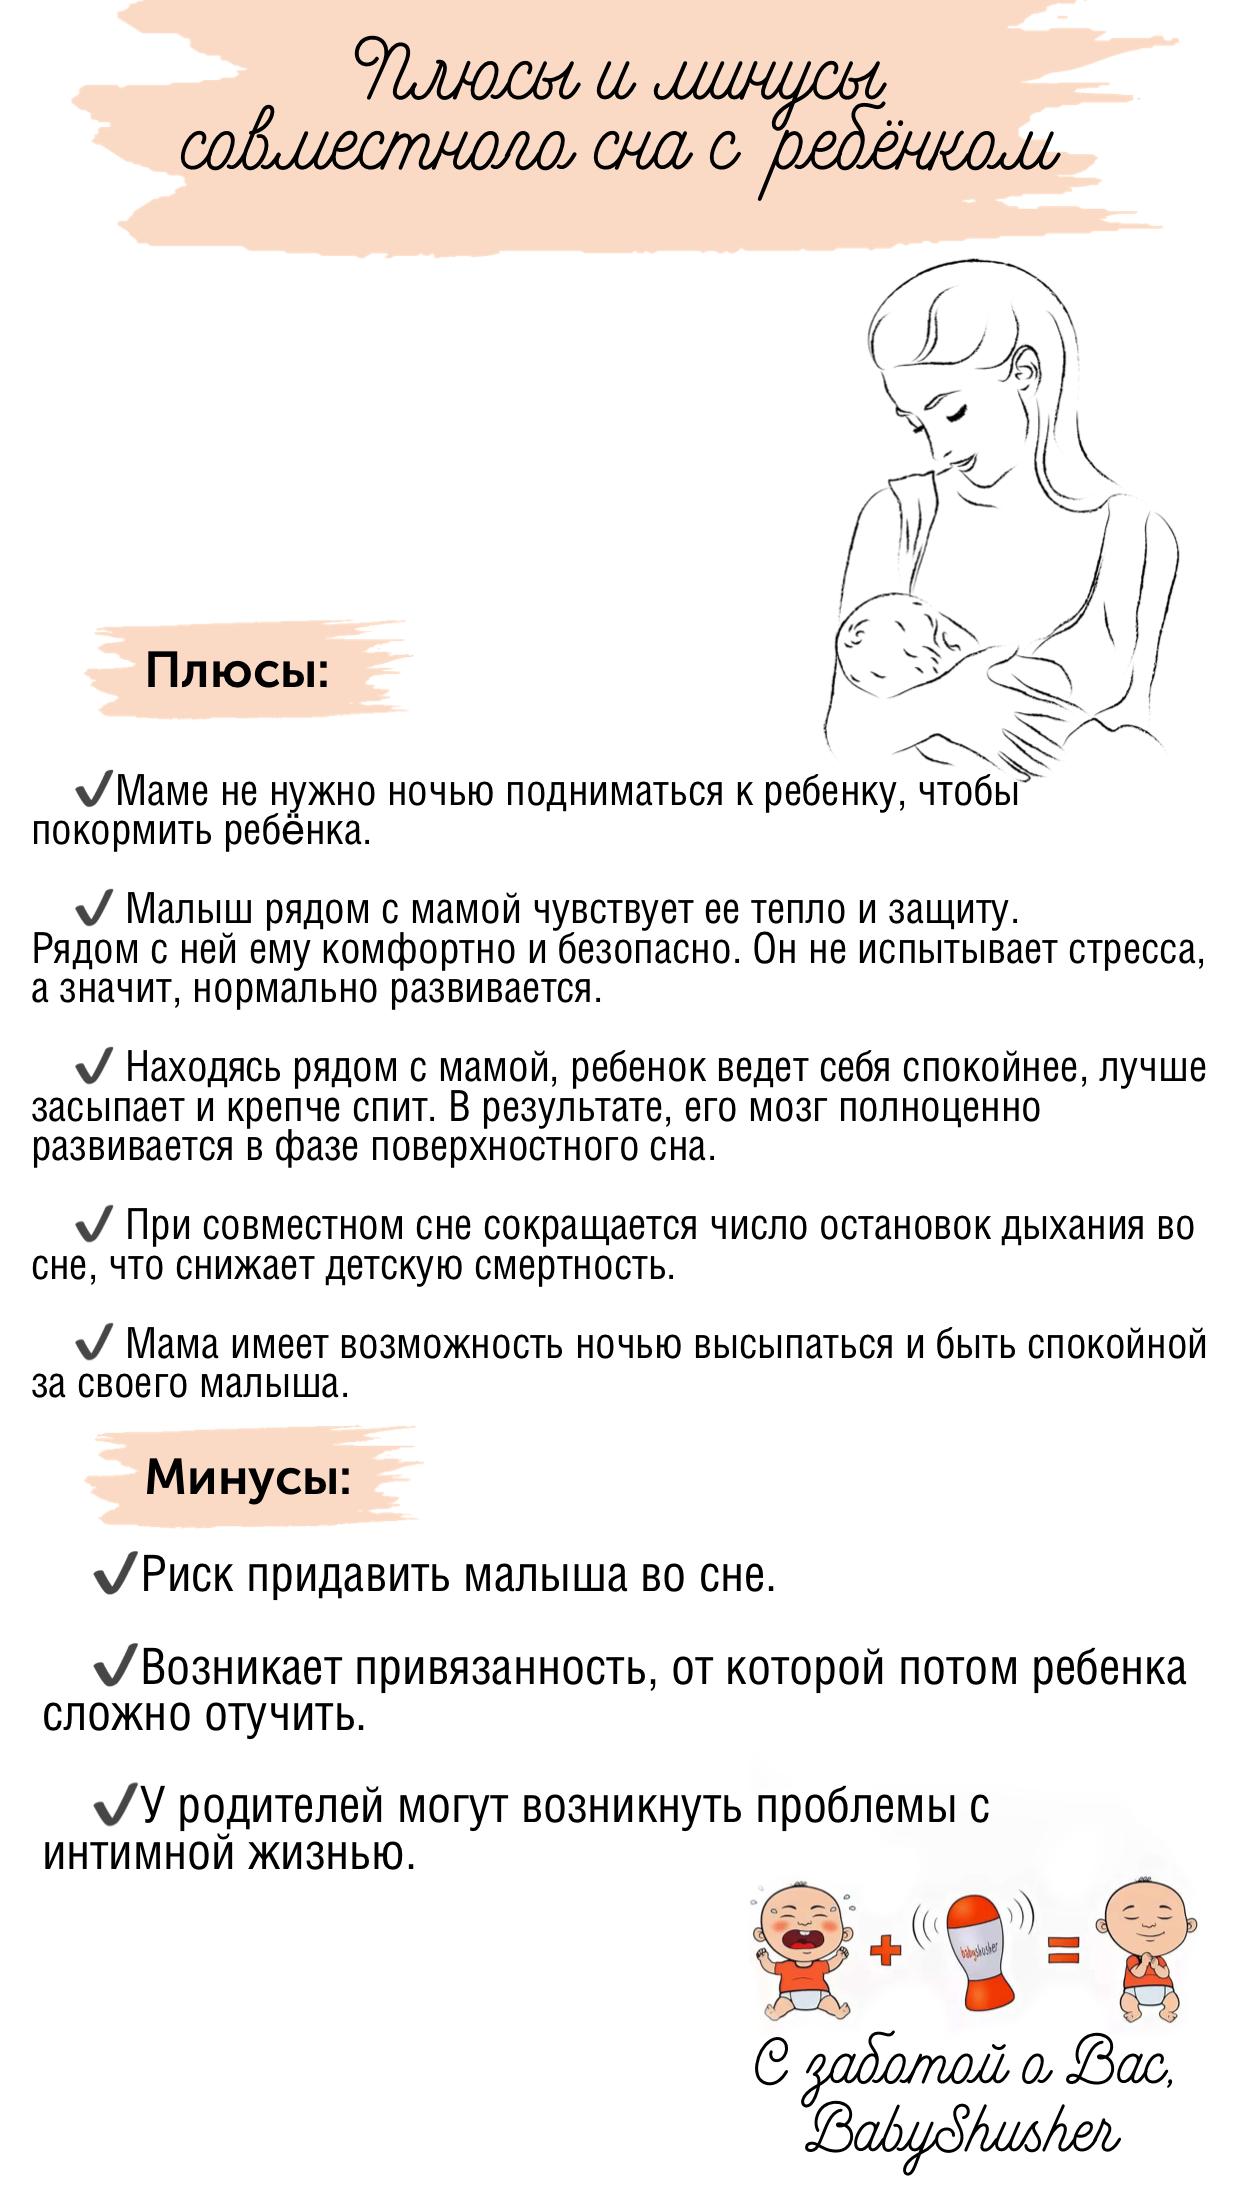 Как вызвать сонный паралич: 7 шагов (с иллюстрациями) - wikiHow